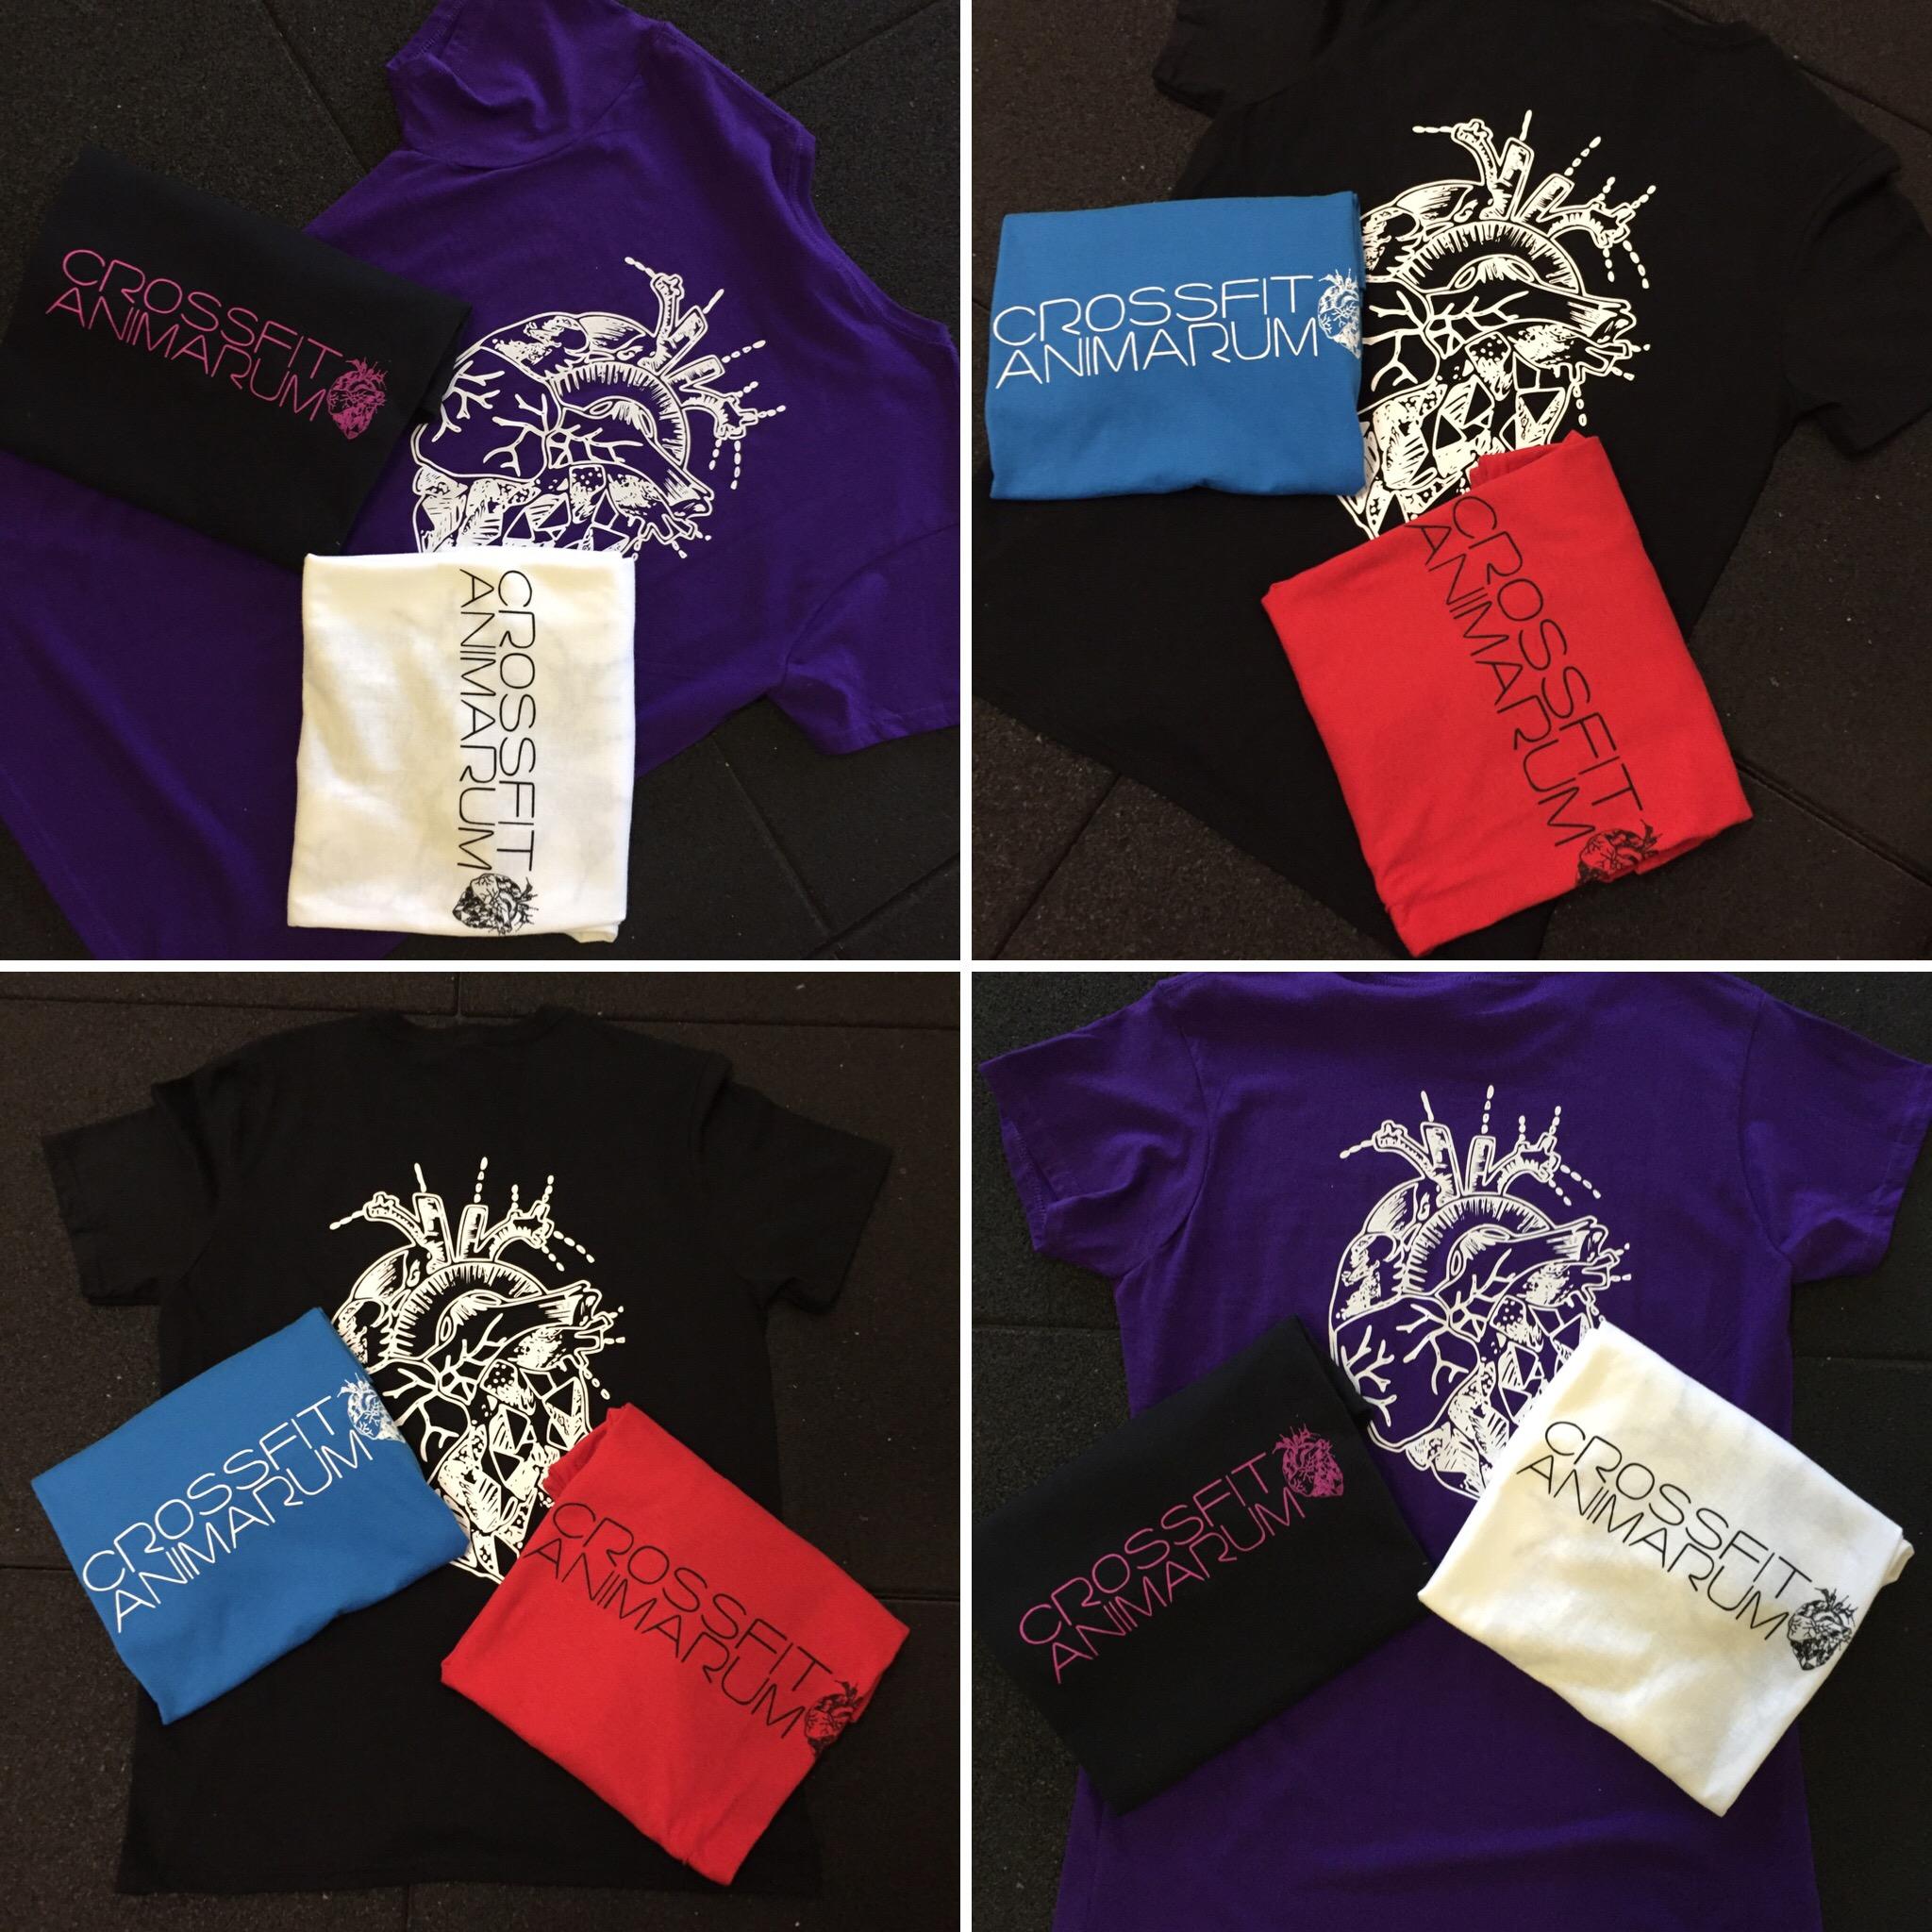 Animarum T-Shirts